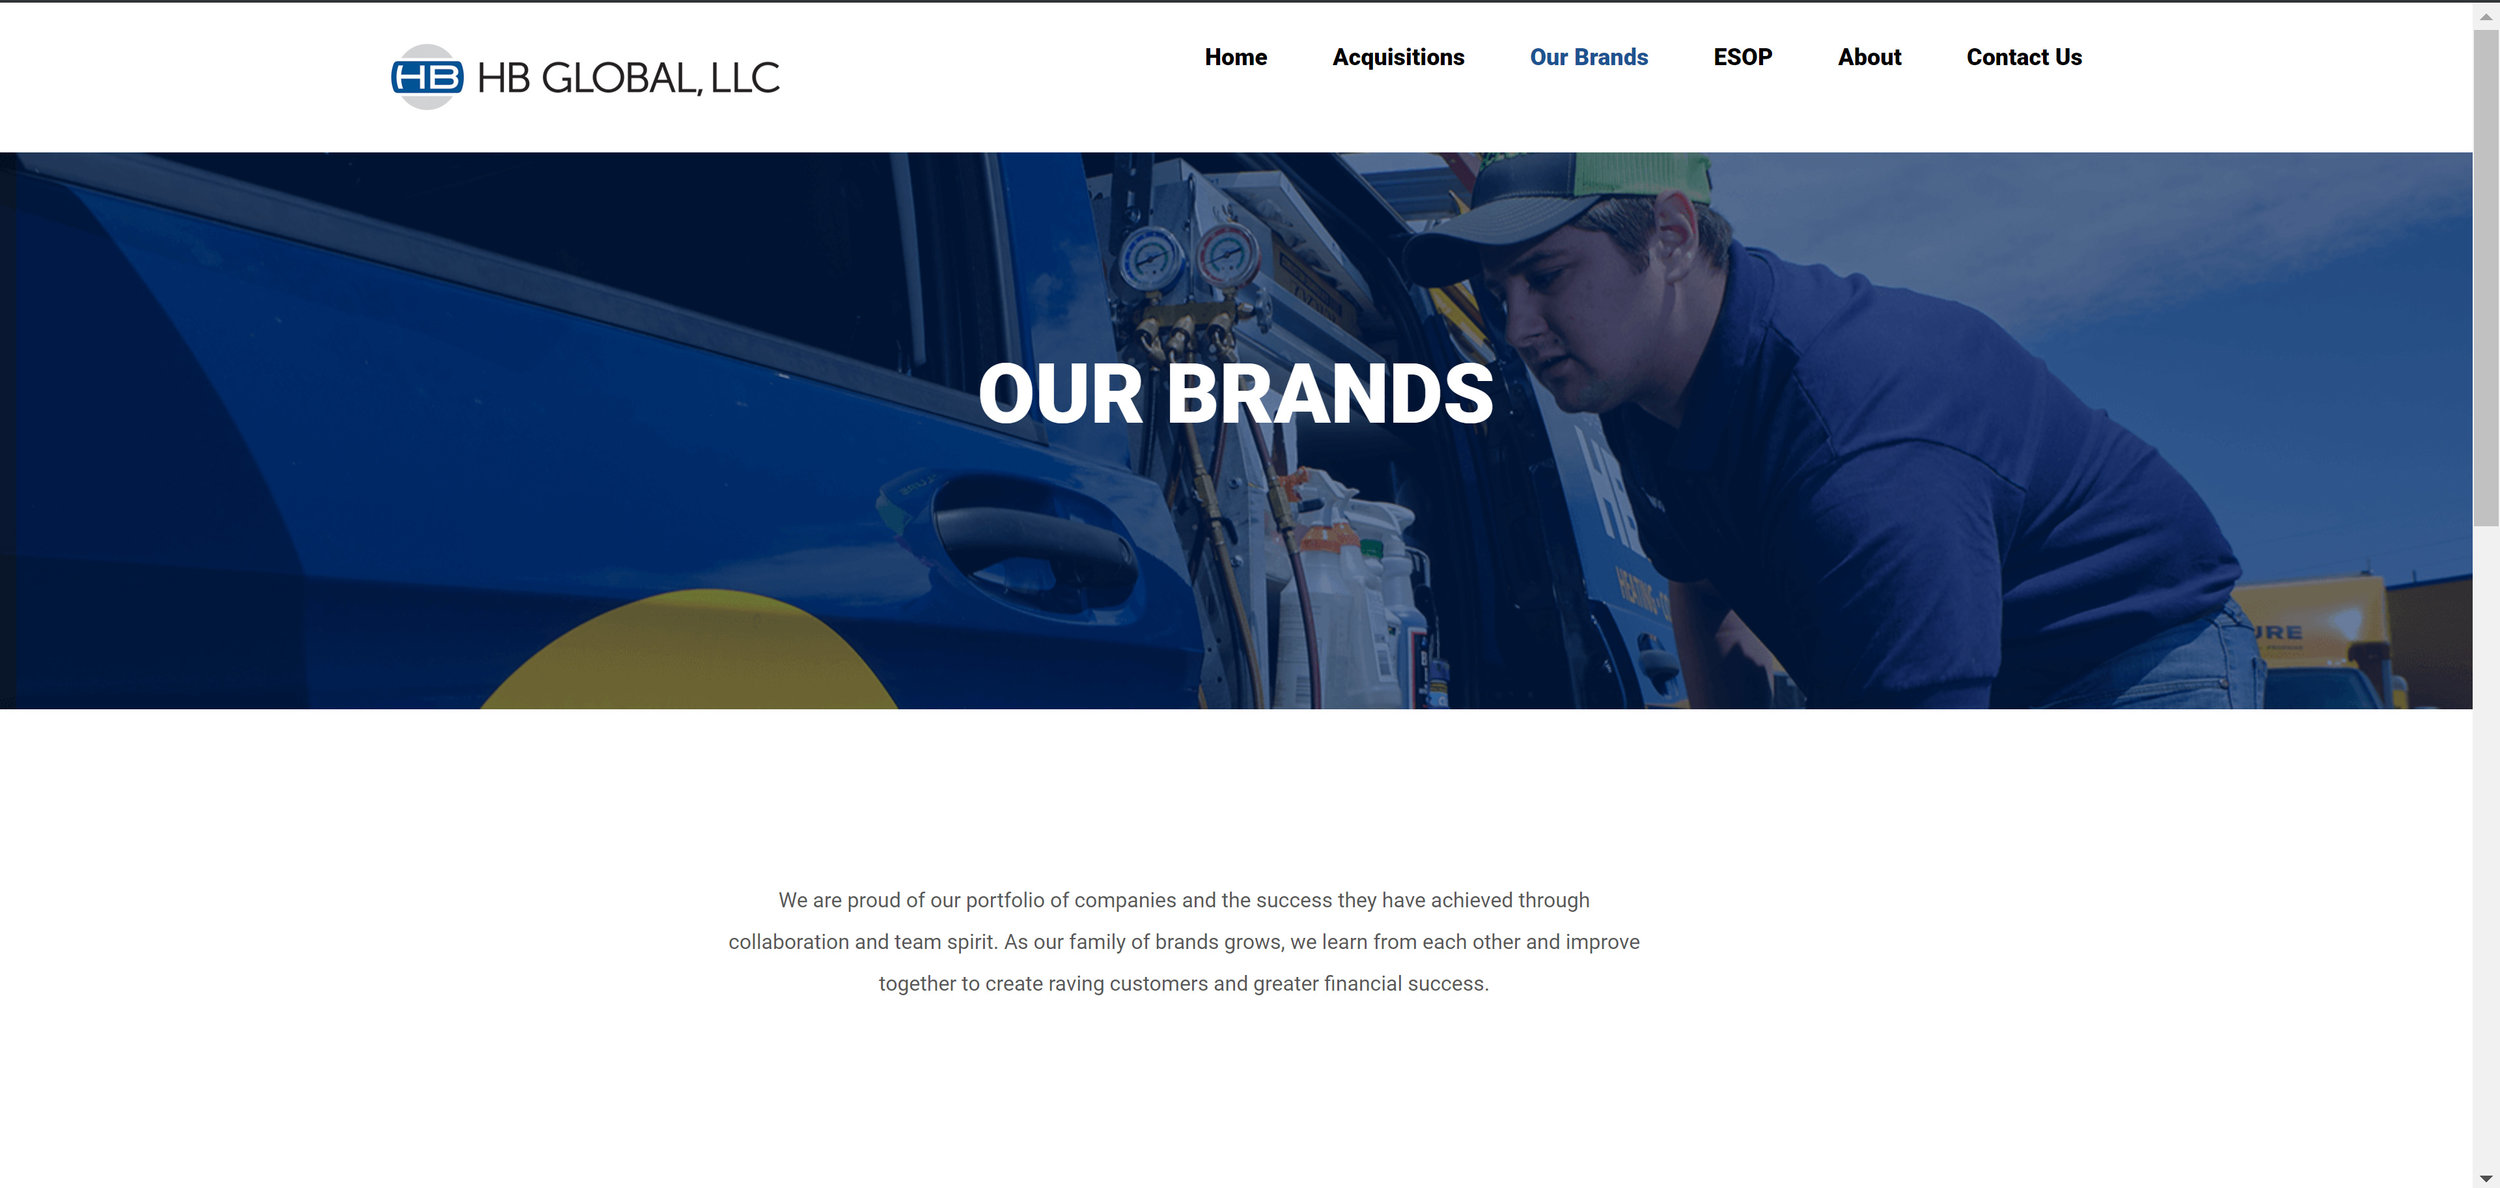 hb global_marcas2.jpg